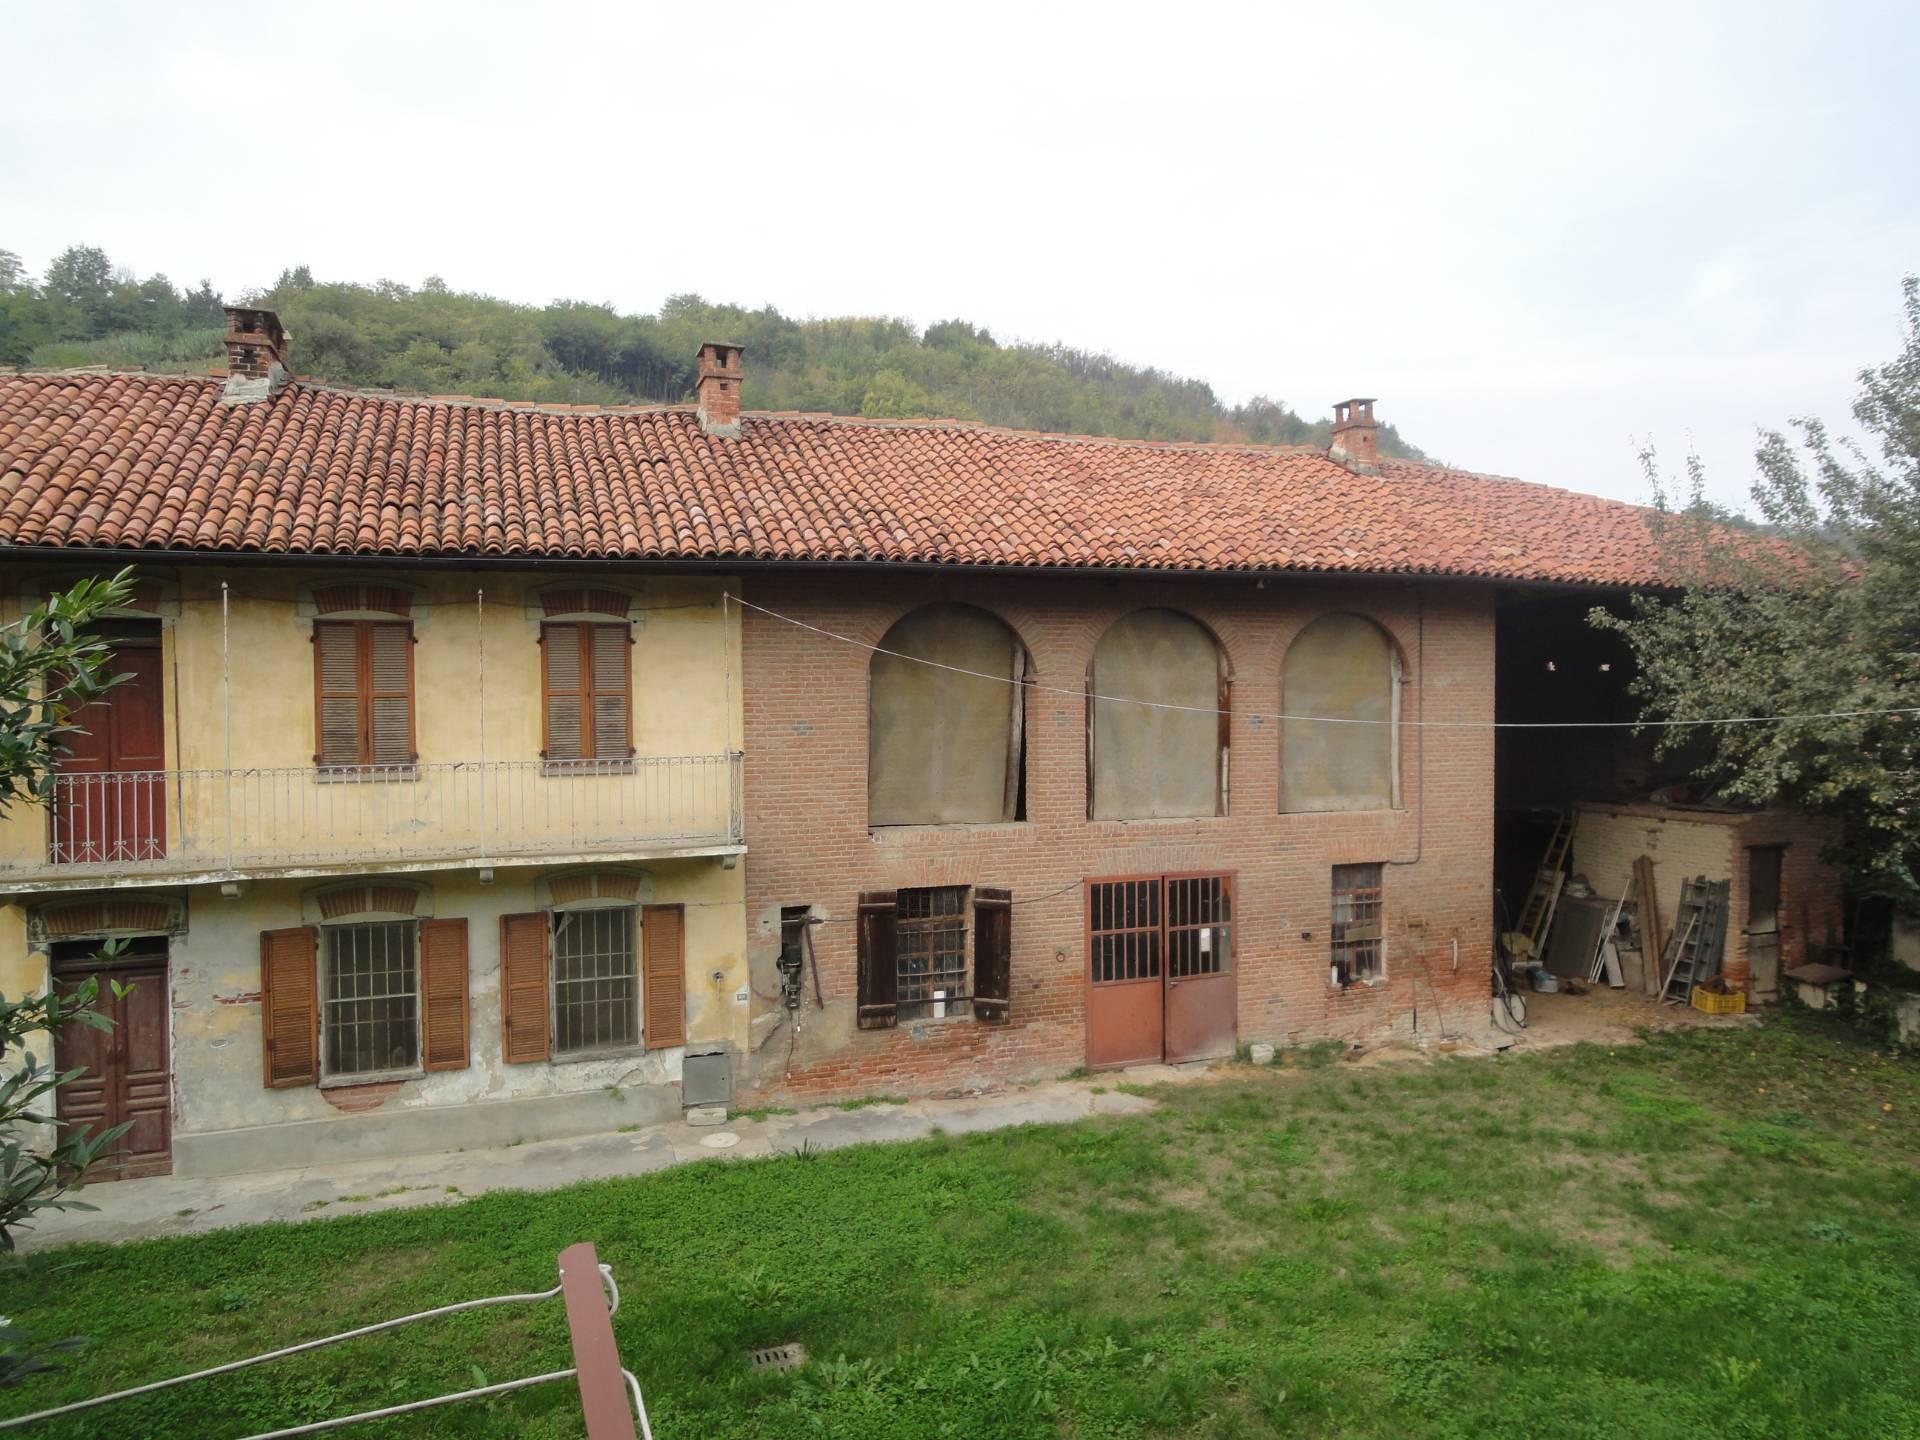 Soluzione Indipendente in vendita a Santa Vittoria d'Alba, 6 locali, prezzo € 90.000   PortaleAgenzieImmobiliari.it